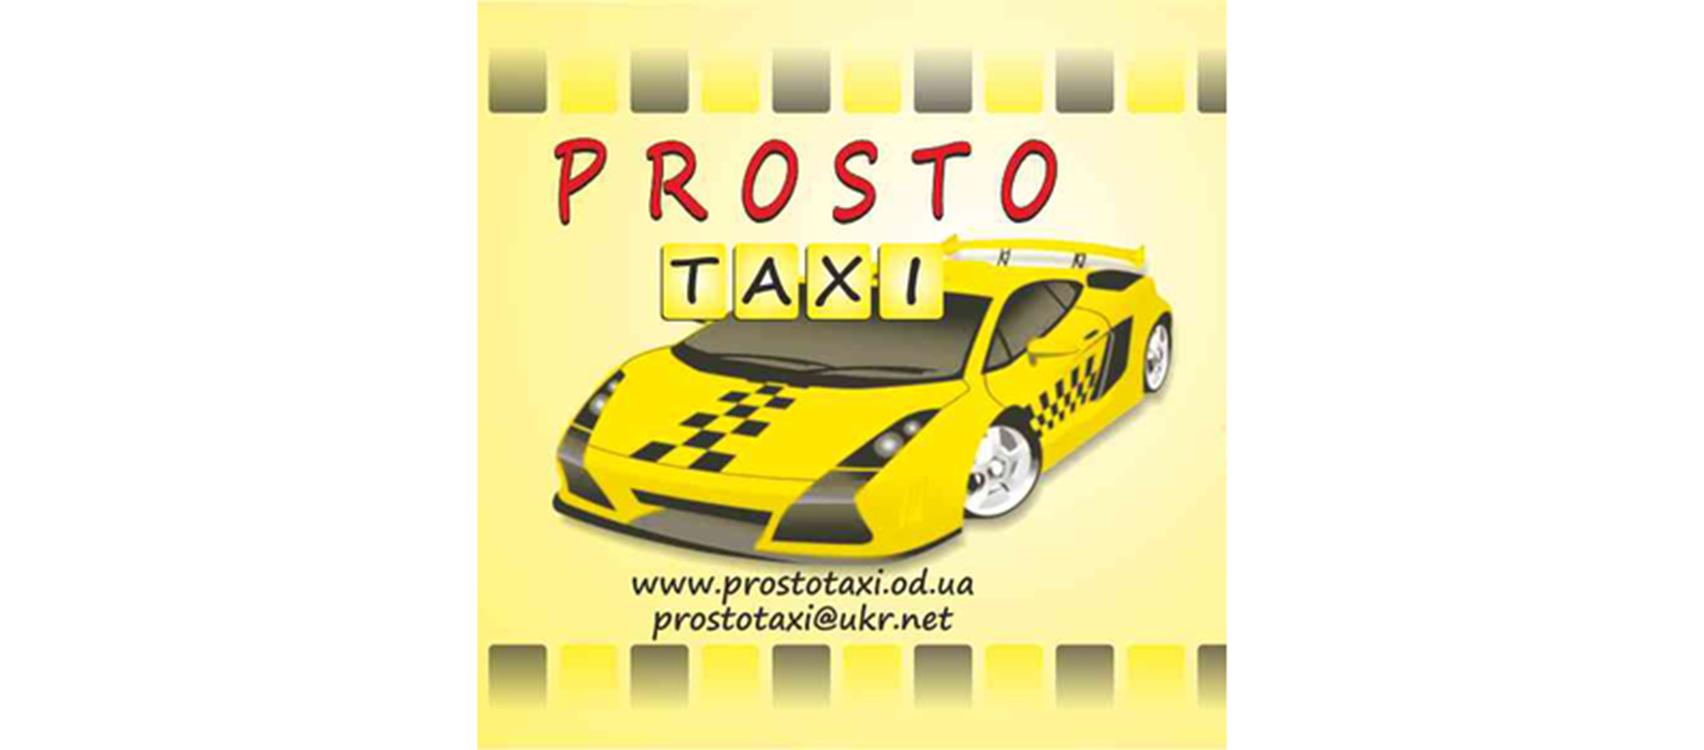 Такси Prosto  (Одесса)